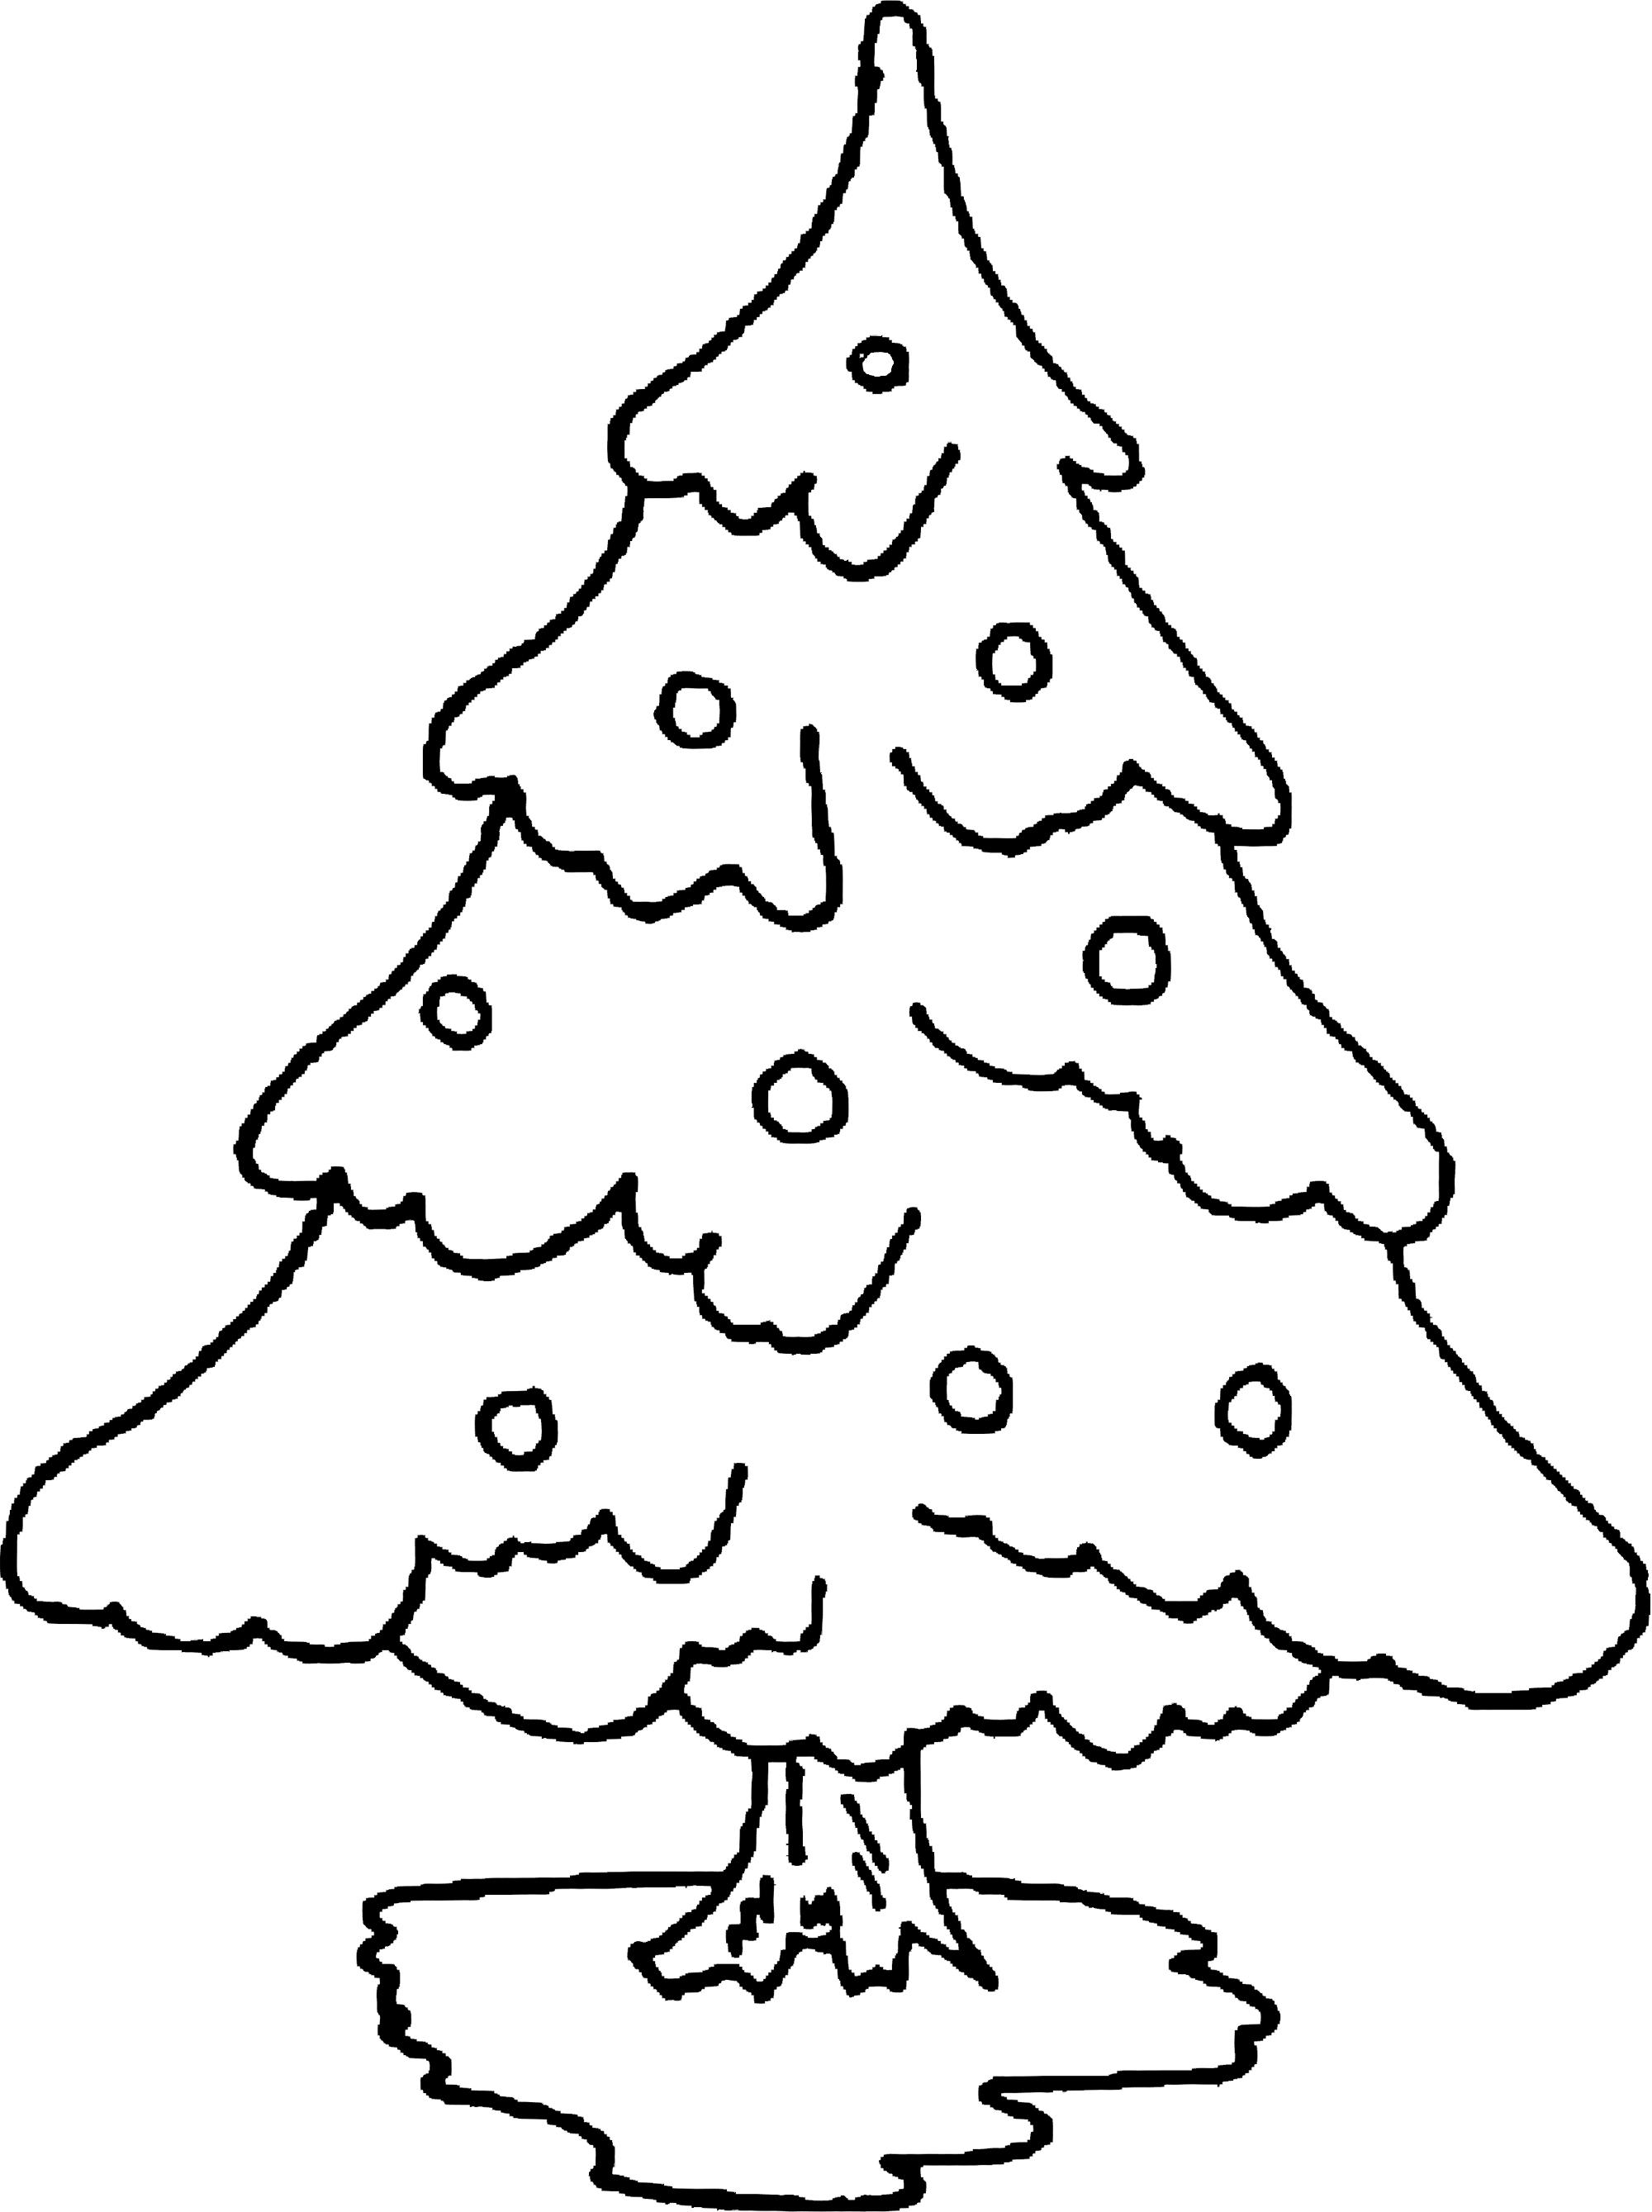 malvorlagen  weihnachtssachende